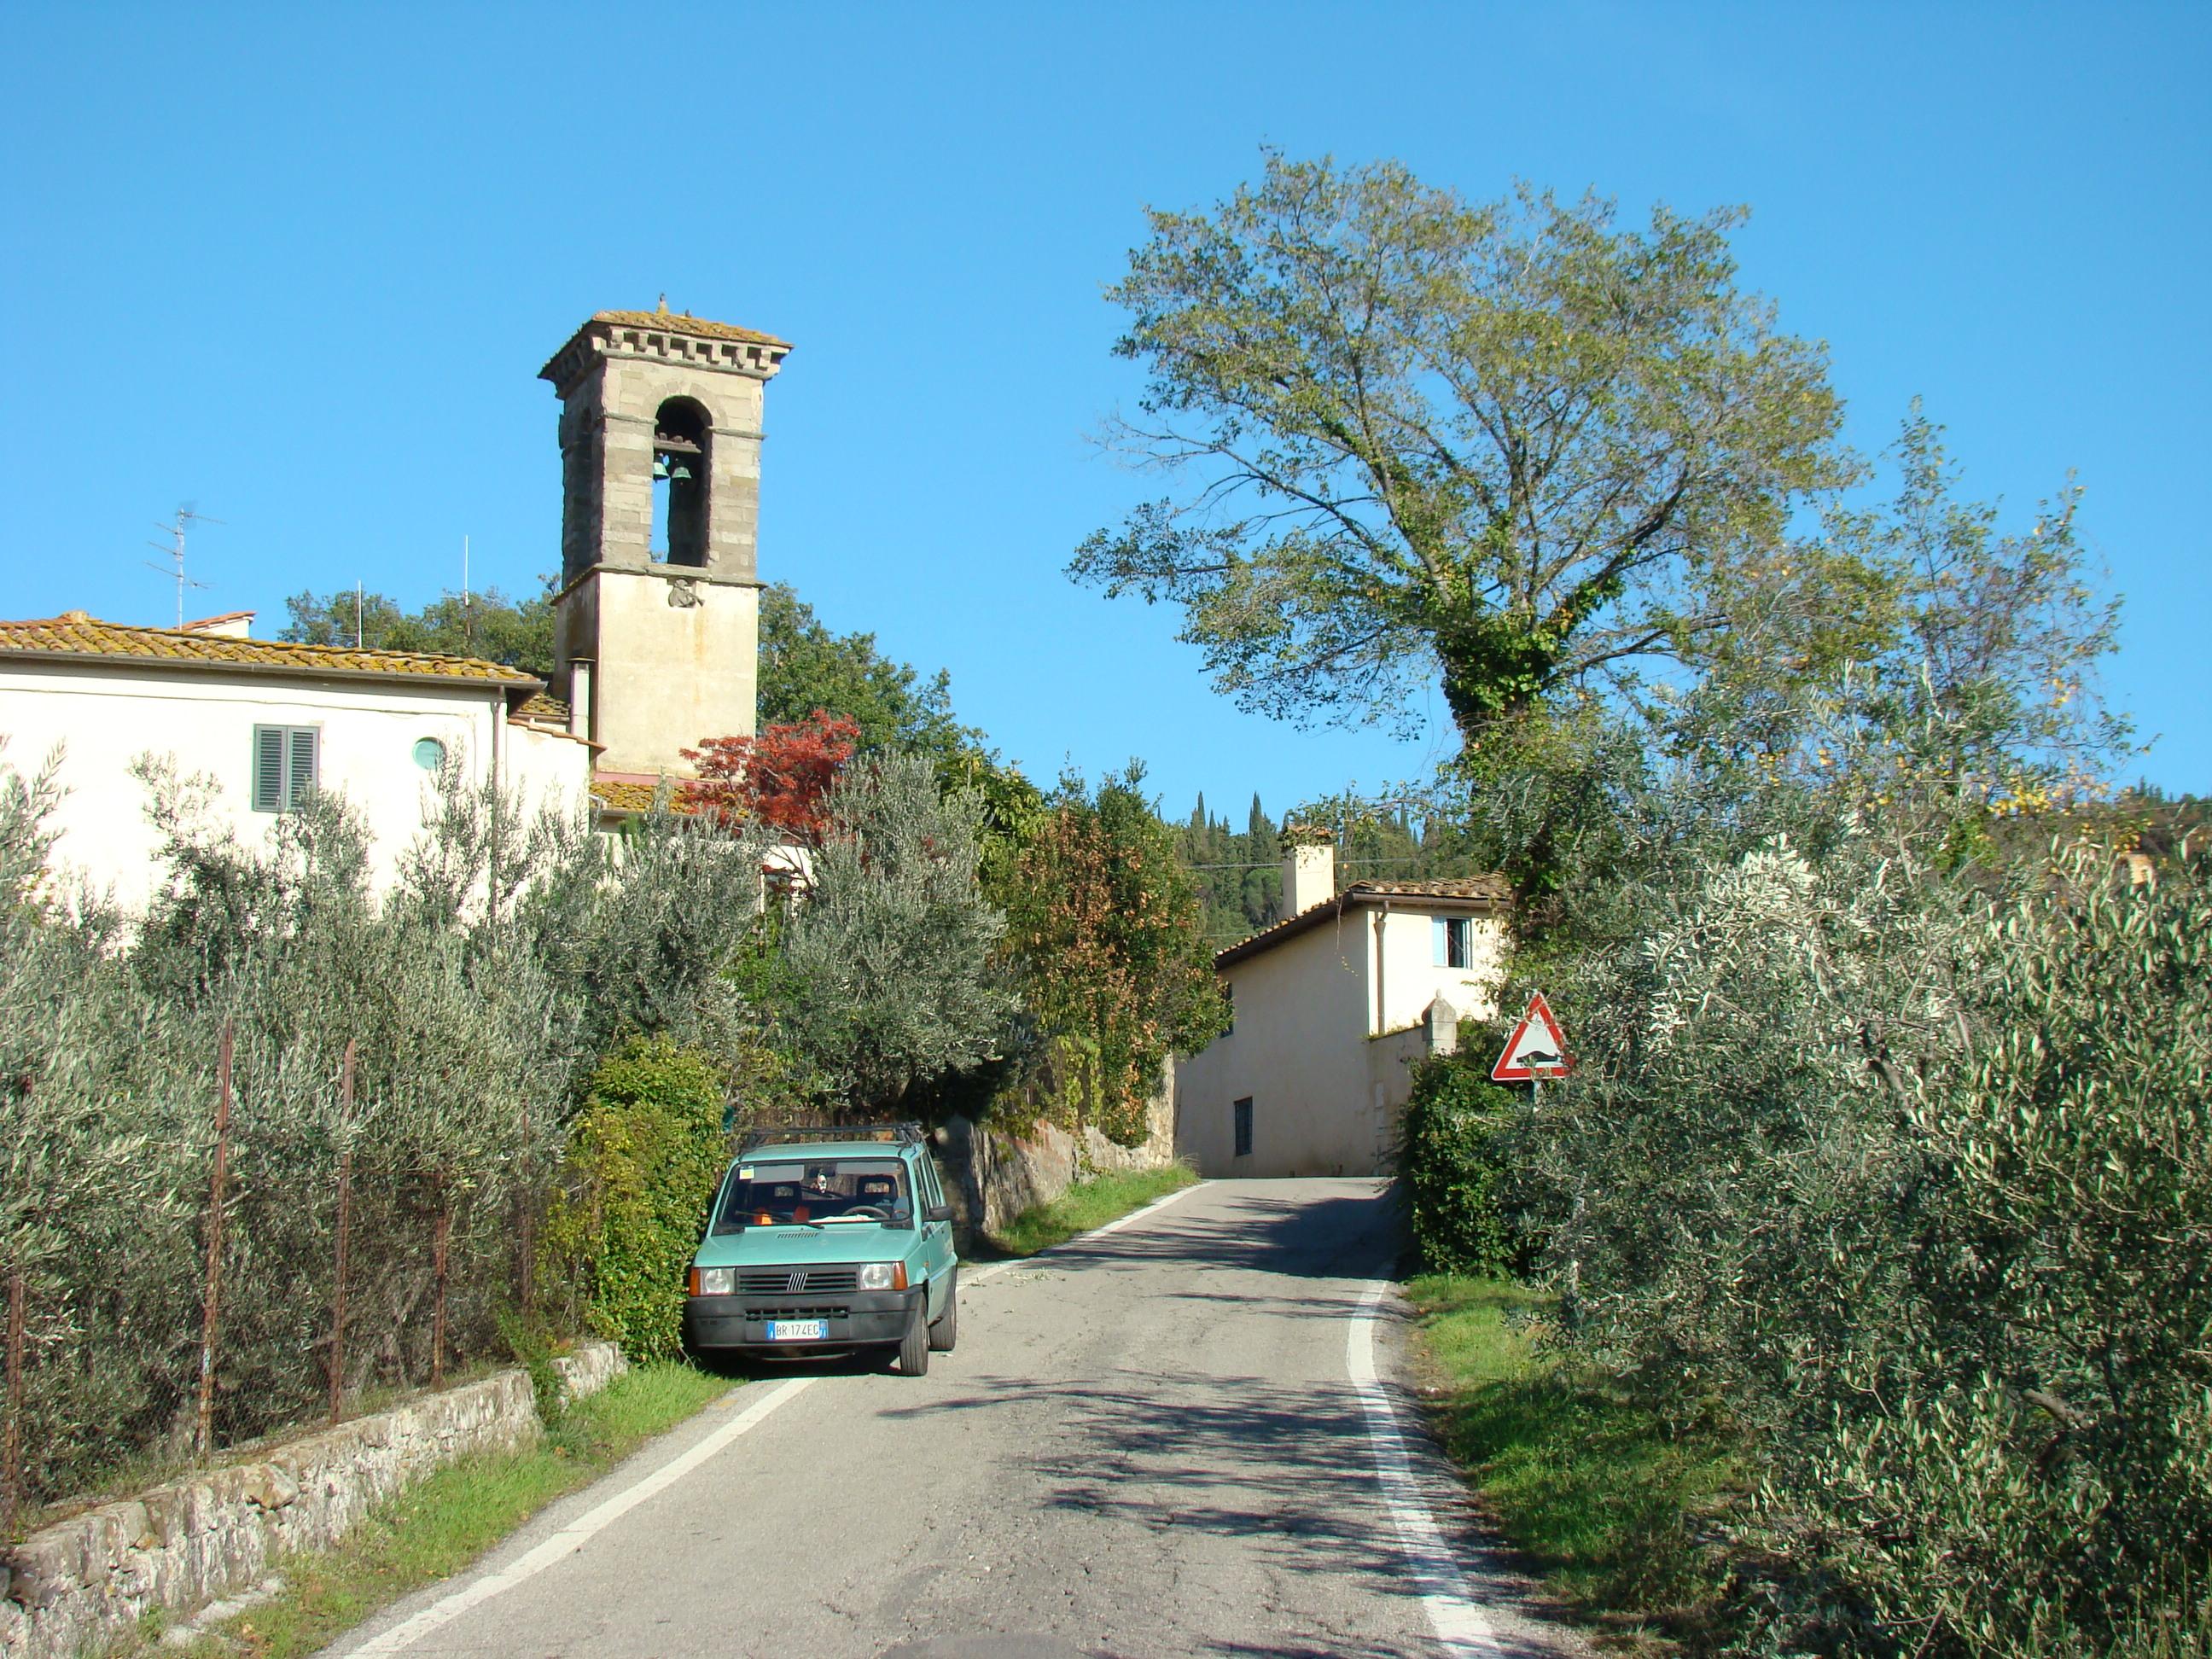 La Chiesa di Santa Maria e San Lorenzo a Vincigliata vista dalla strada Provinciale di Vincigliata all'altezza del Castello di Vincigliata (di Giuliana Profeti)